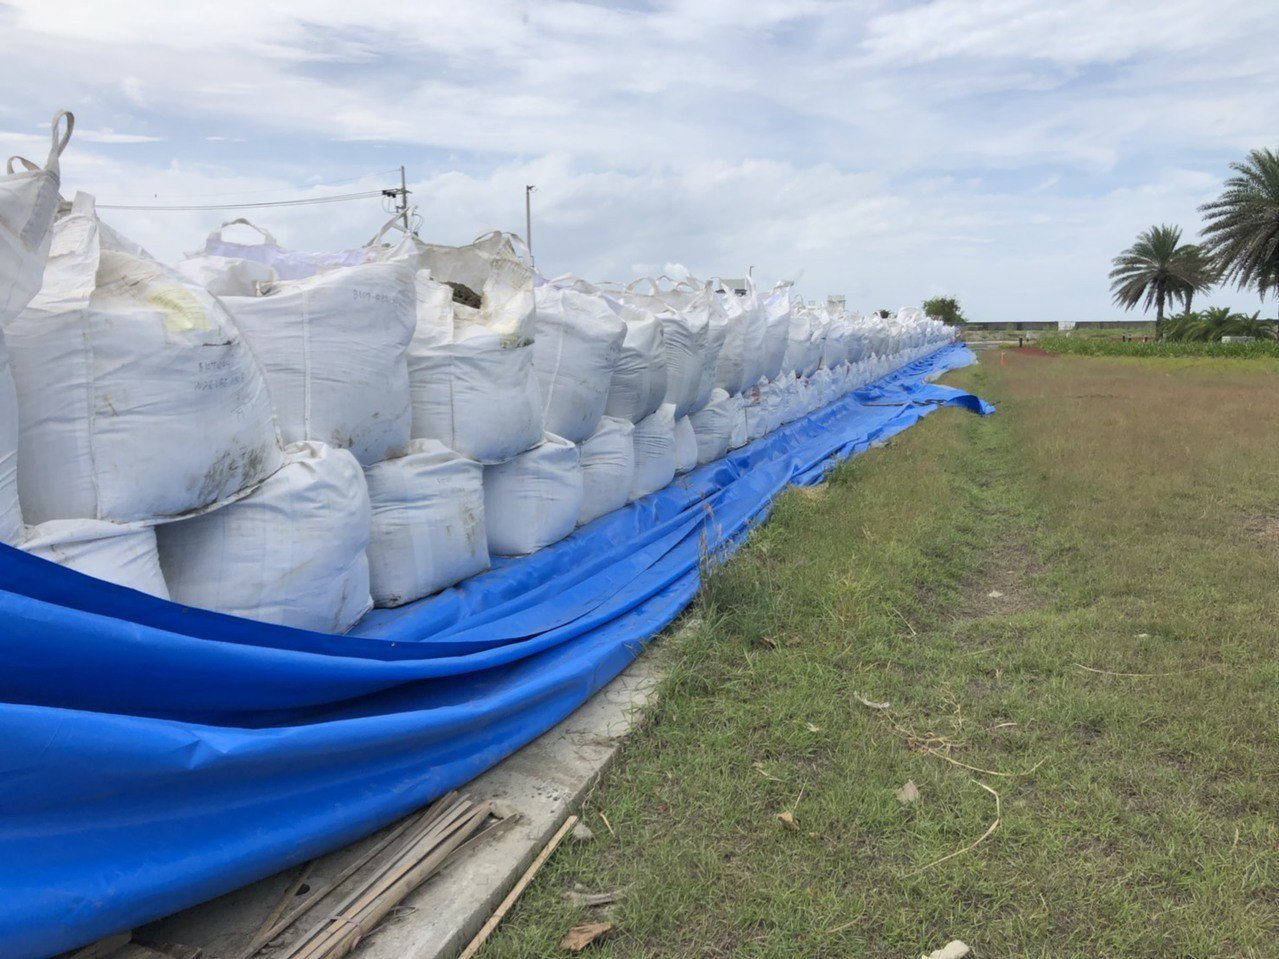 山竹颱風來勢洶洶,台灣港務公司布袋管理處嚴陣以待,上周發包施工用太空包及砂包堆疊...